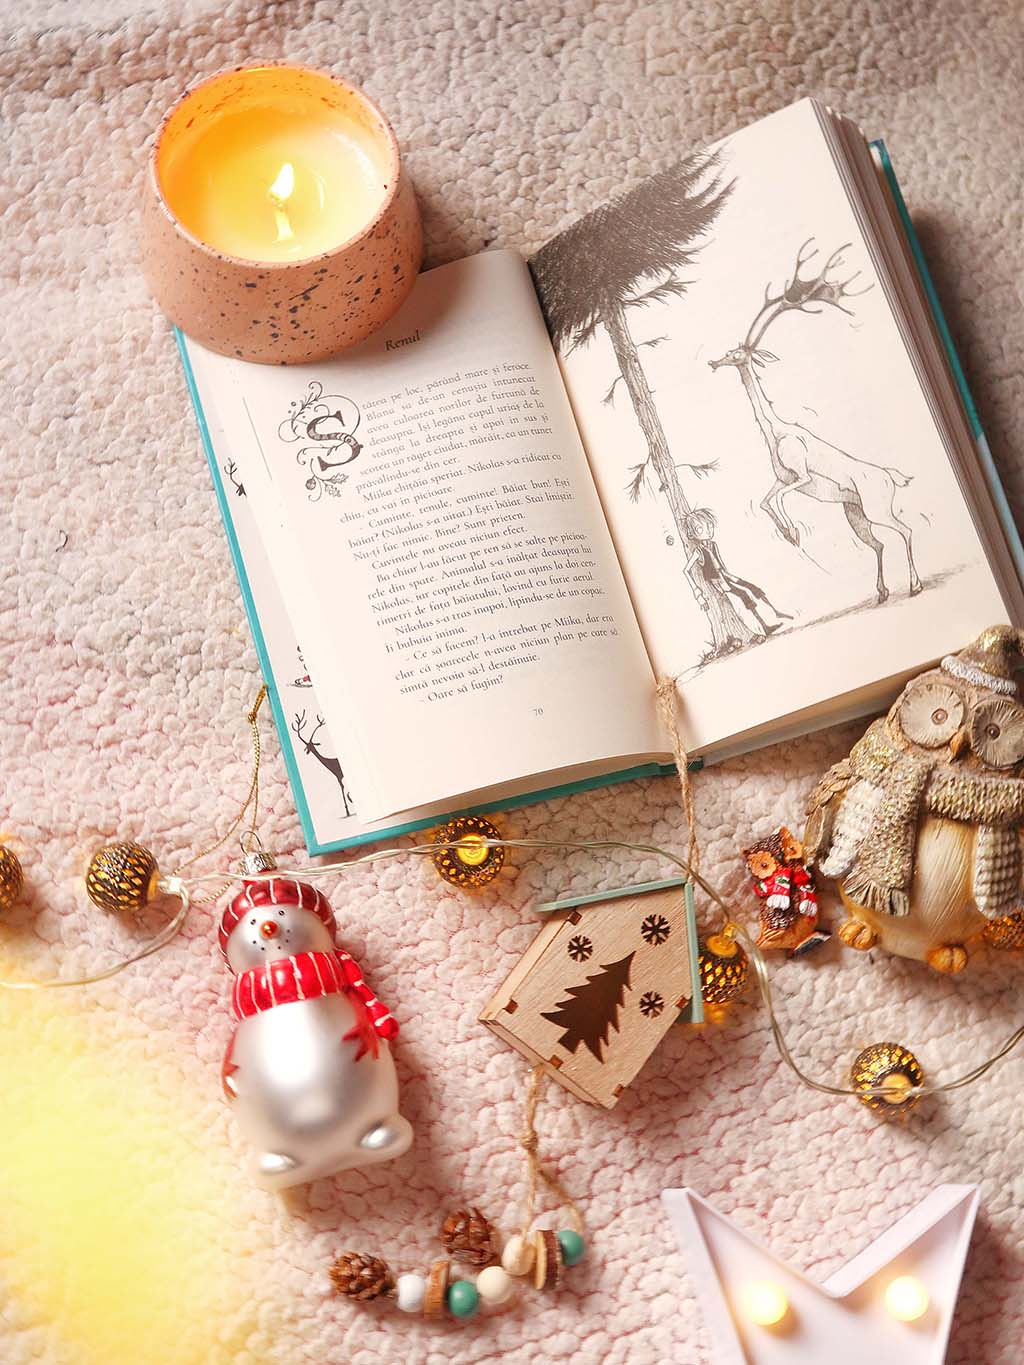 7 carti de citit in zilele libere designing life kikimora salvat craciunul miturile nordului povestile lui odin thor loki povestea trei vrajitoare toante tue uriasul gheata baiat numit craciun